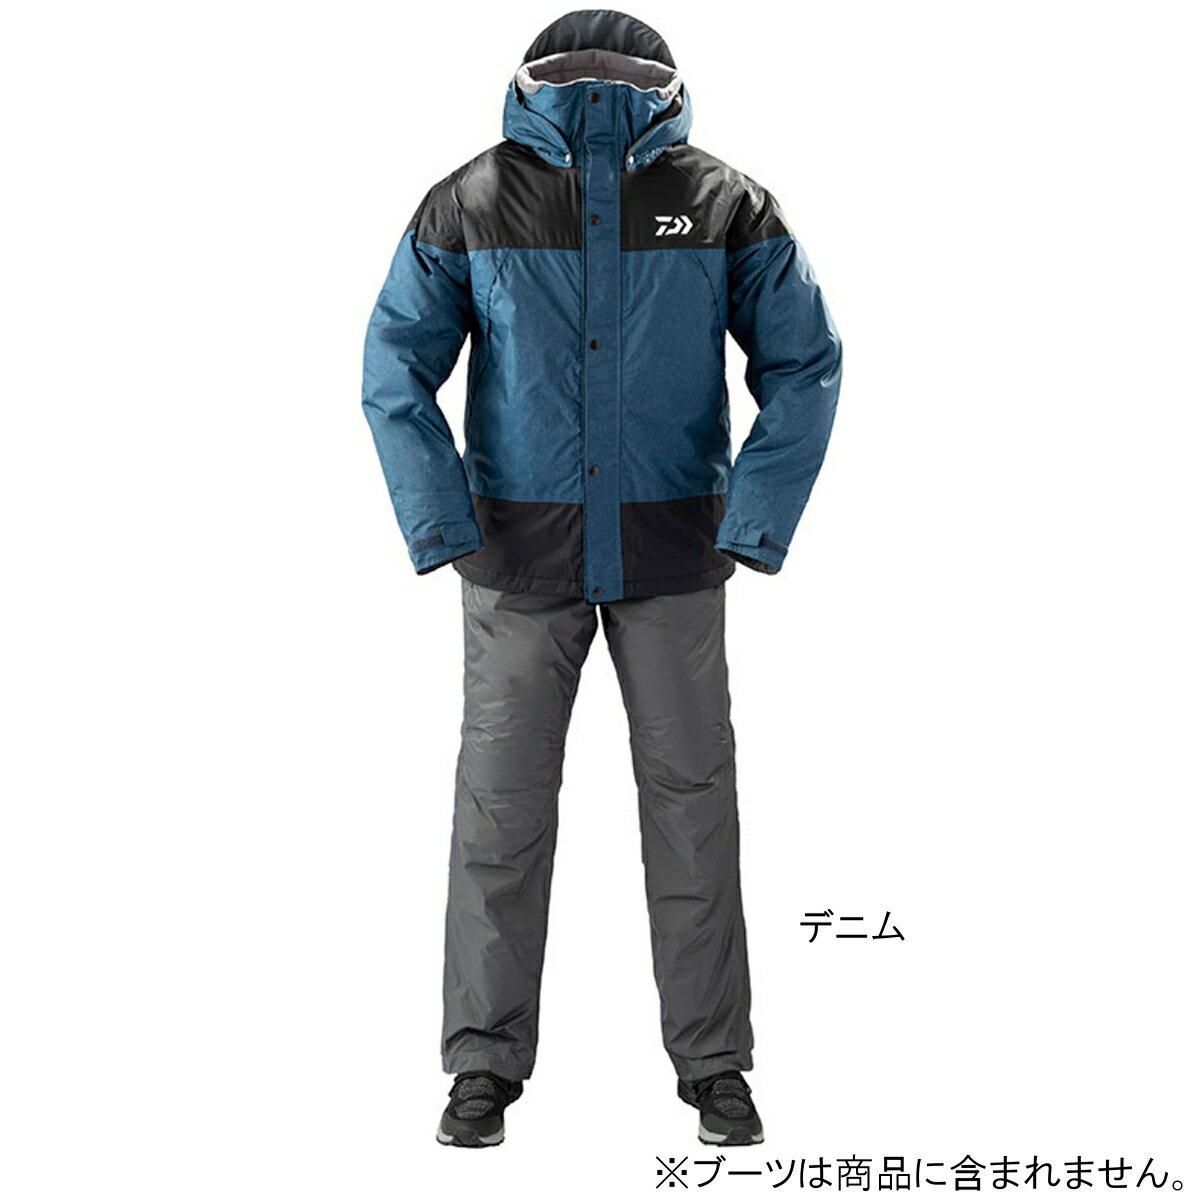 レインマックス ウィンタースーツ DW-35009 L デニム ダイワ